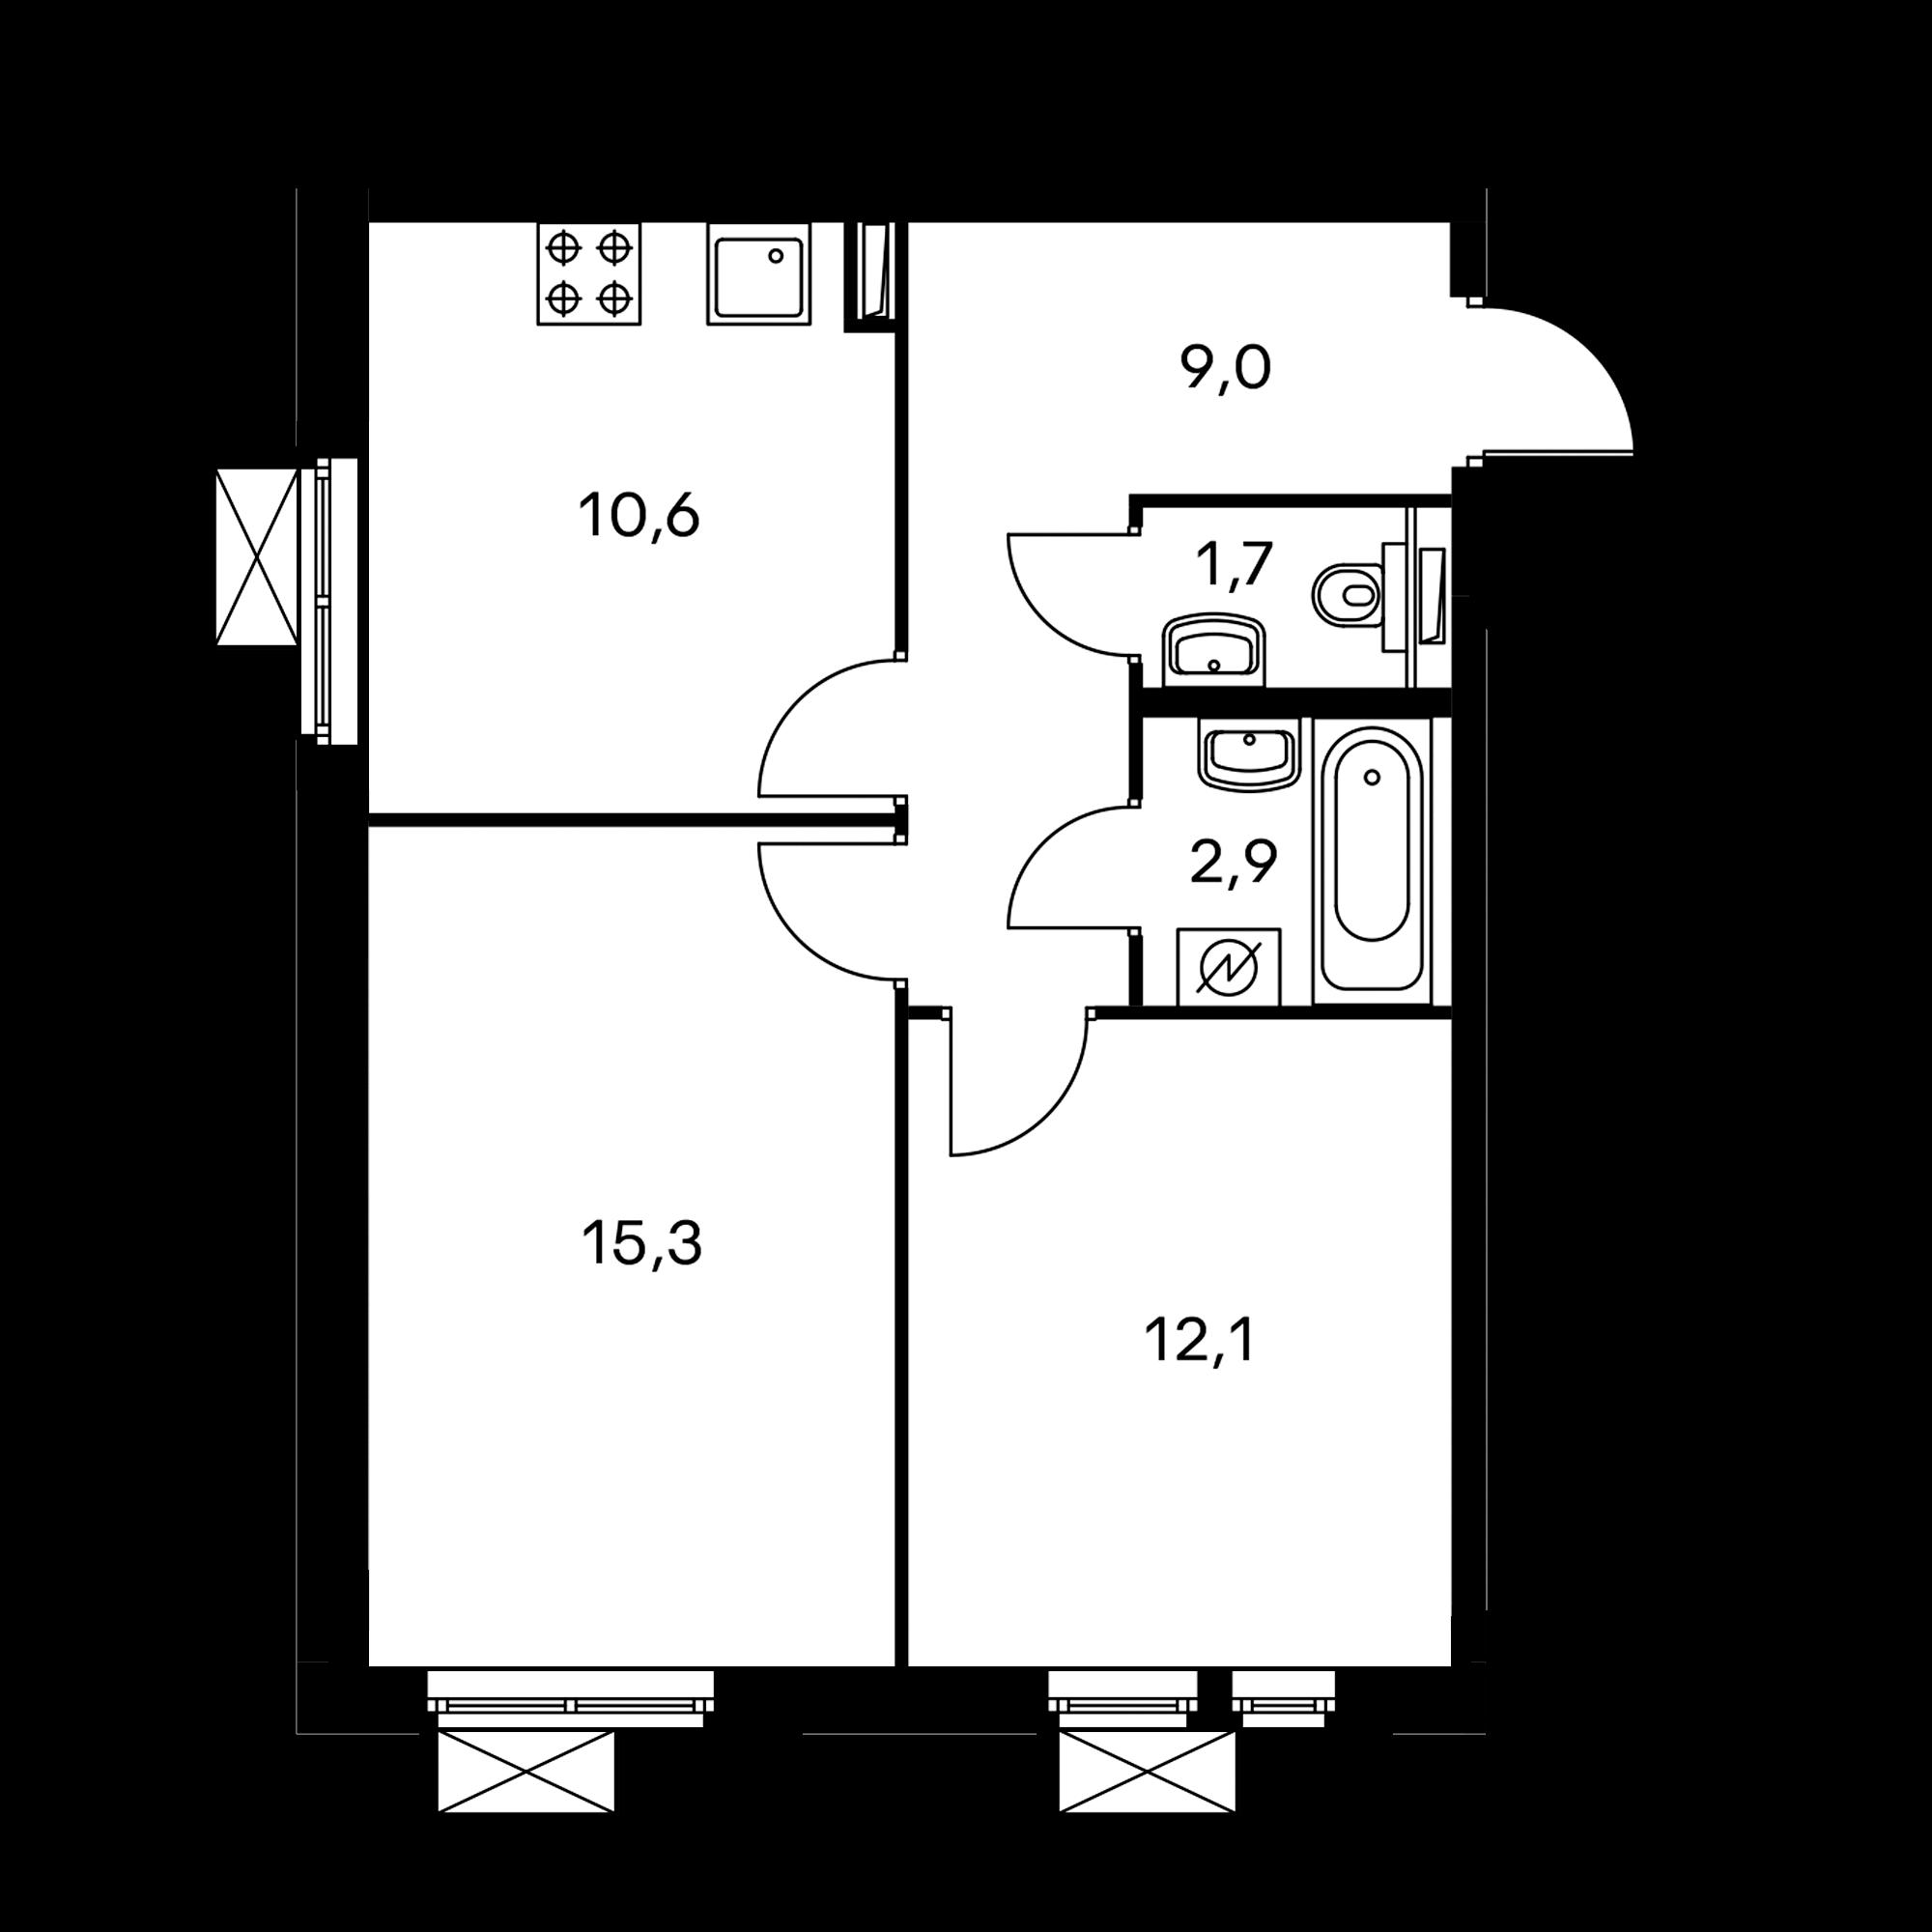 2KS1_6.6-1_T_A1